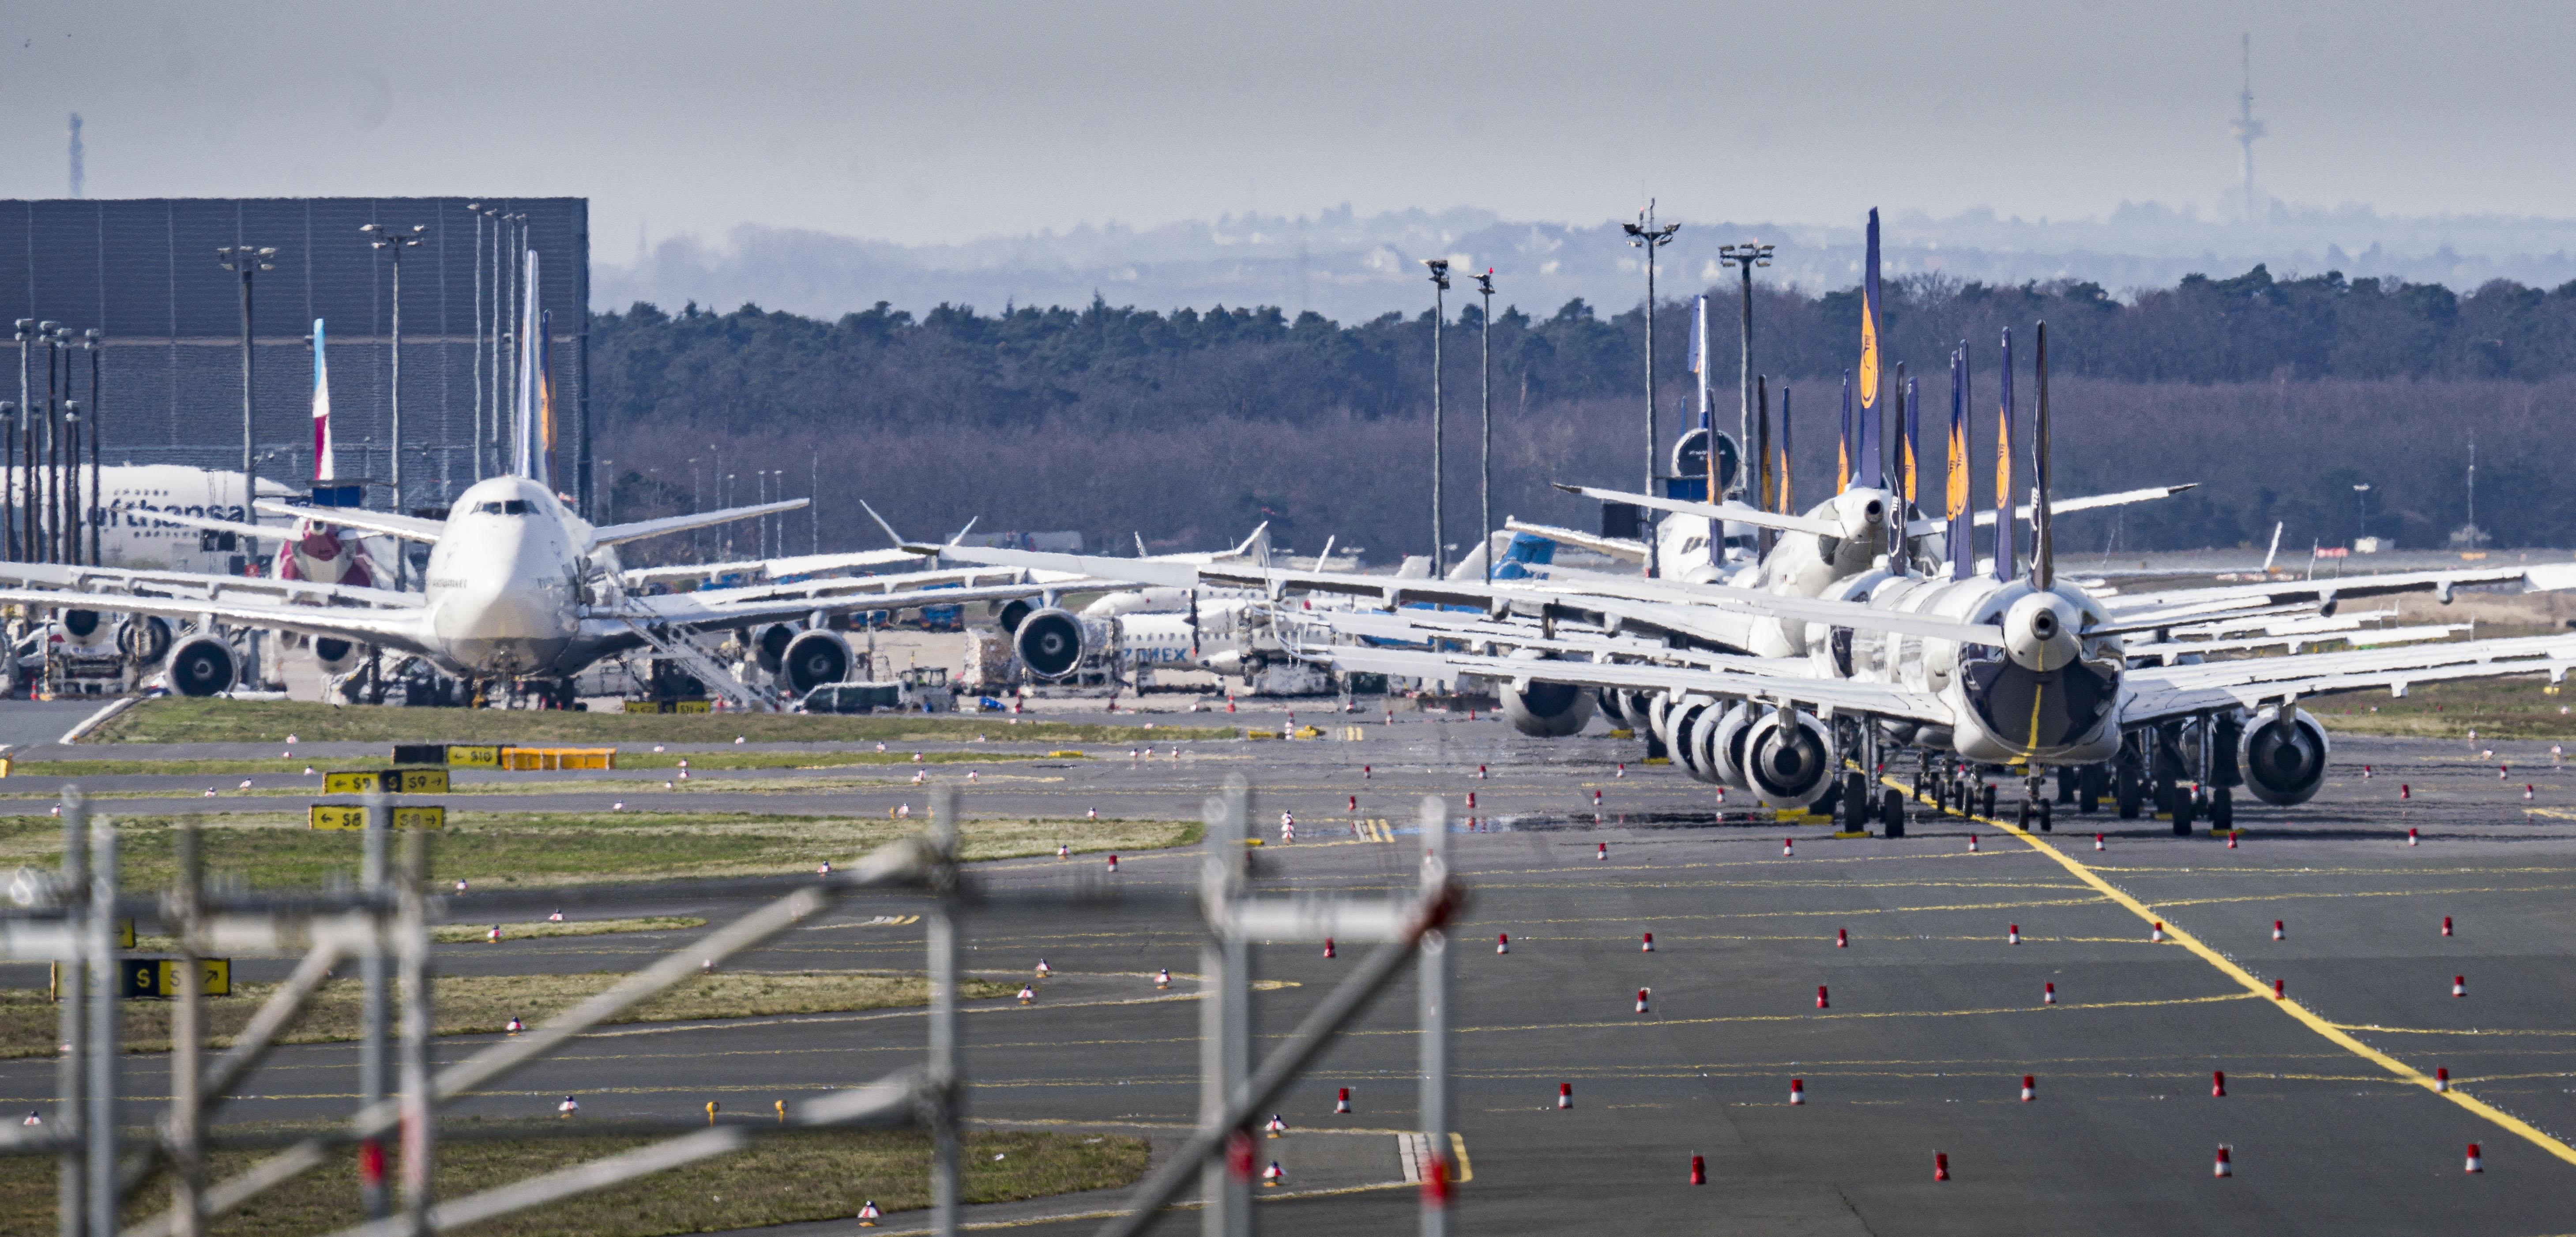 Nem a klímaváltozás, hanem a koronavírus fogja leépíteni a légi közlekedést